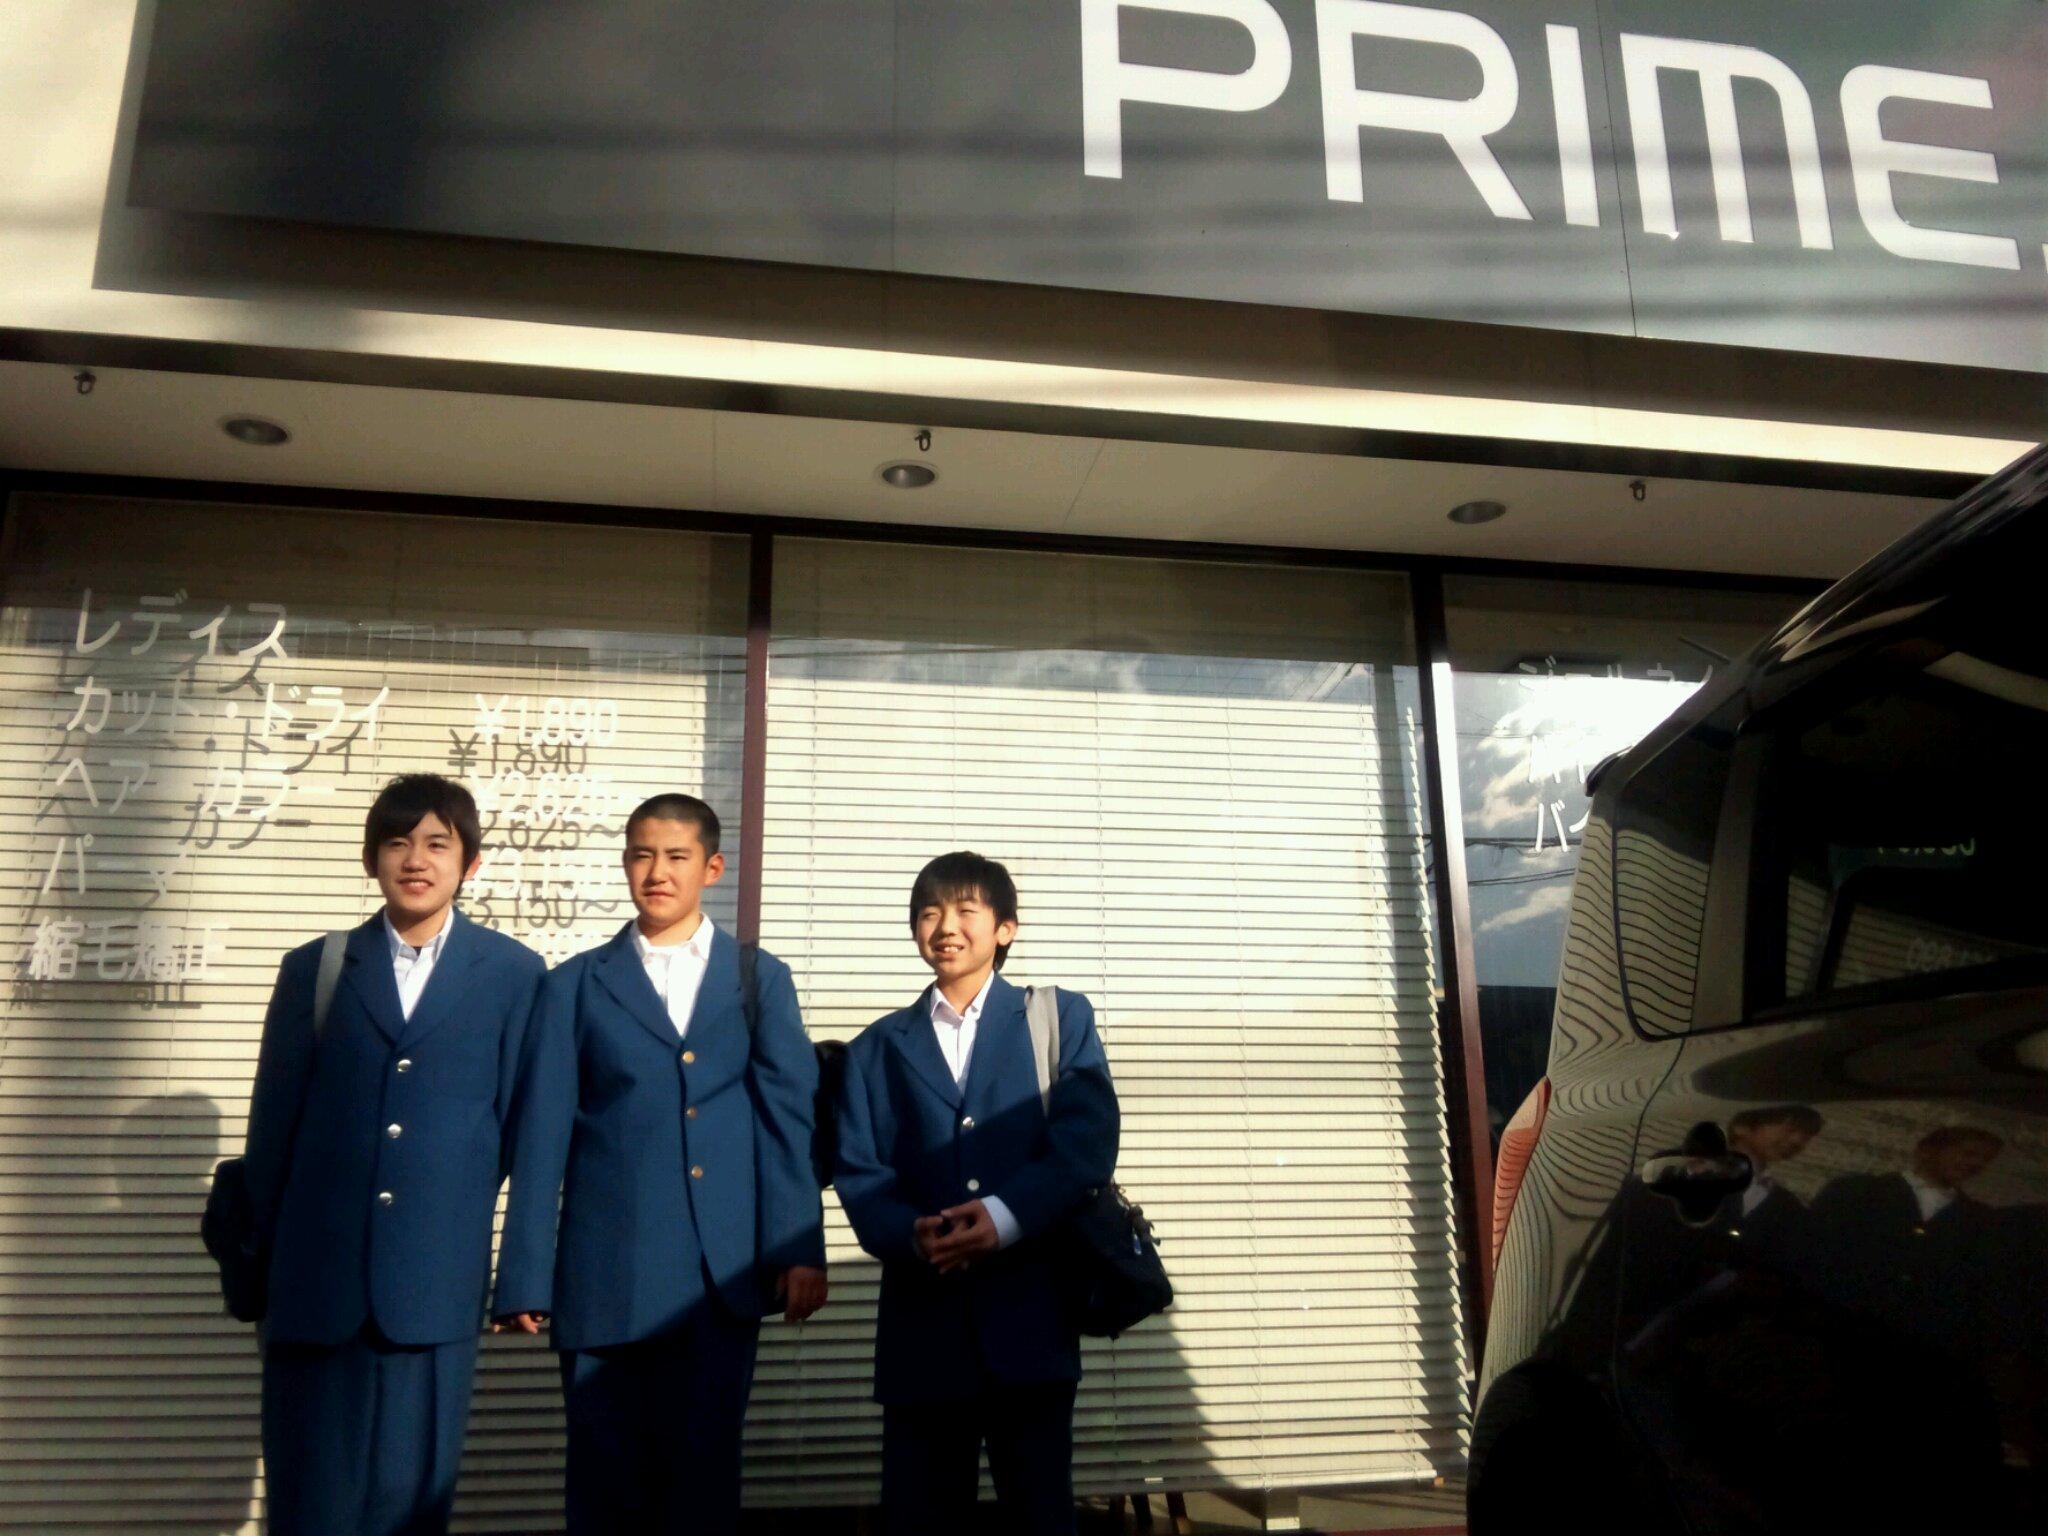 No382 prime「新たな仲間」